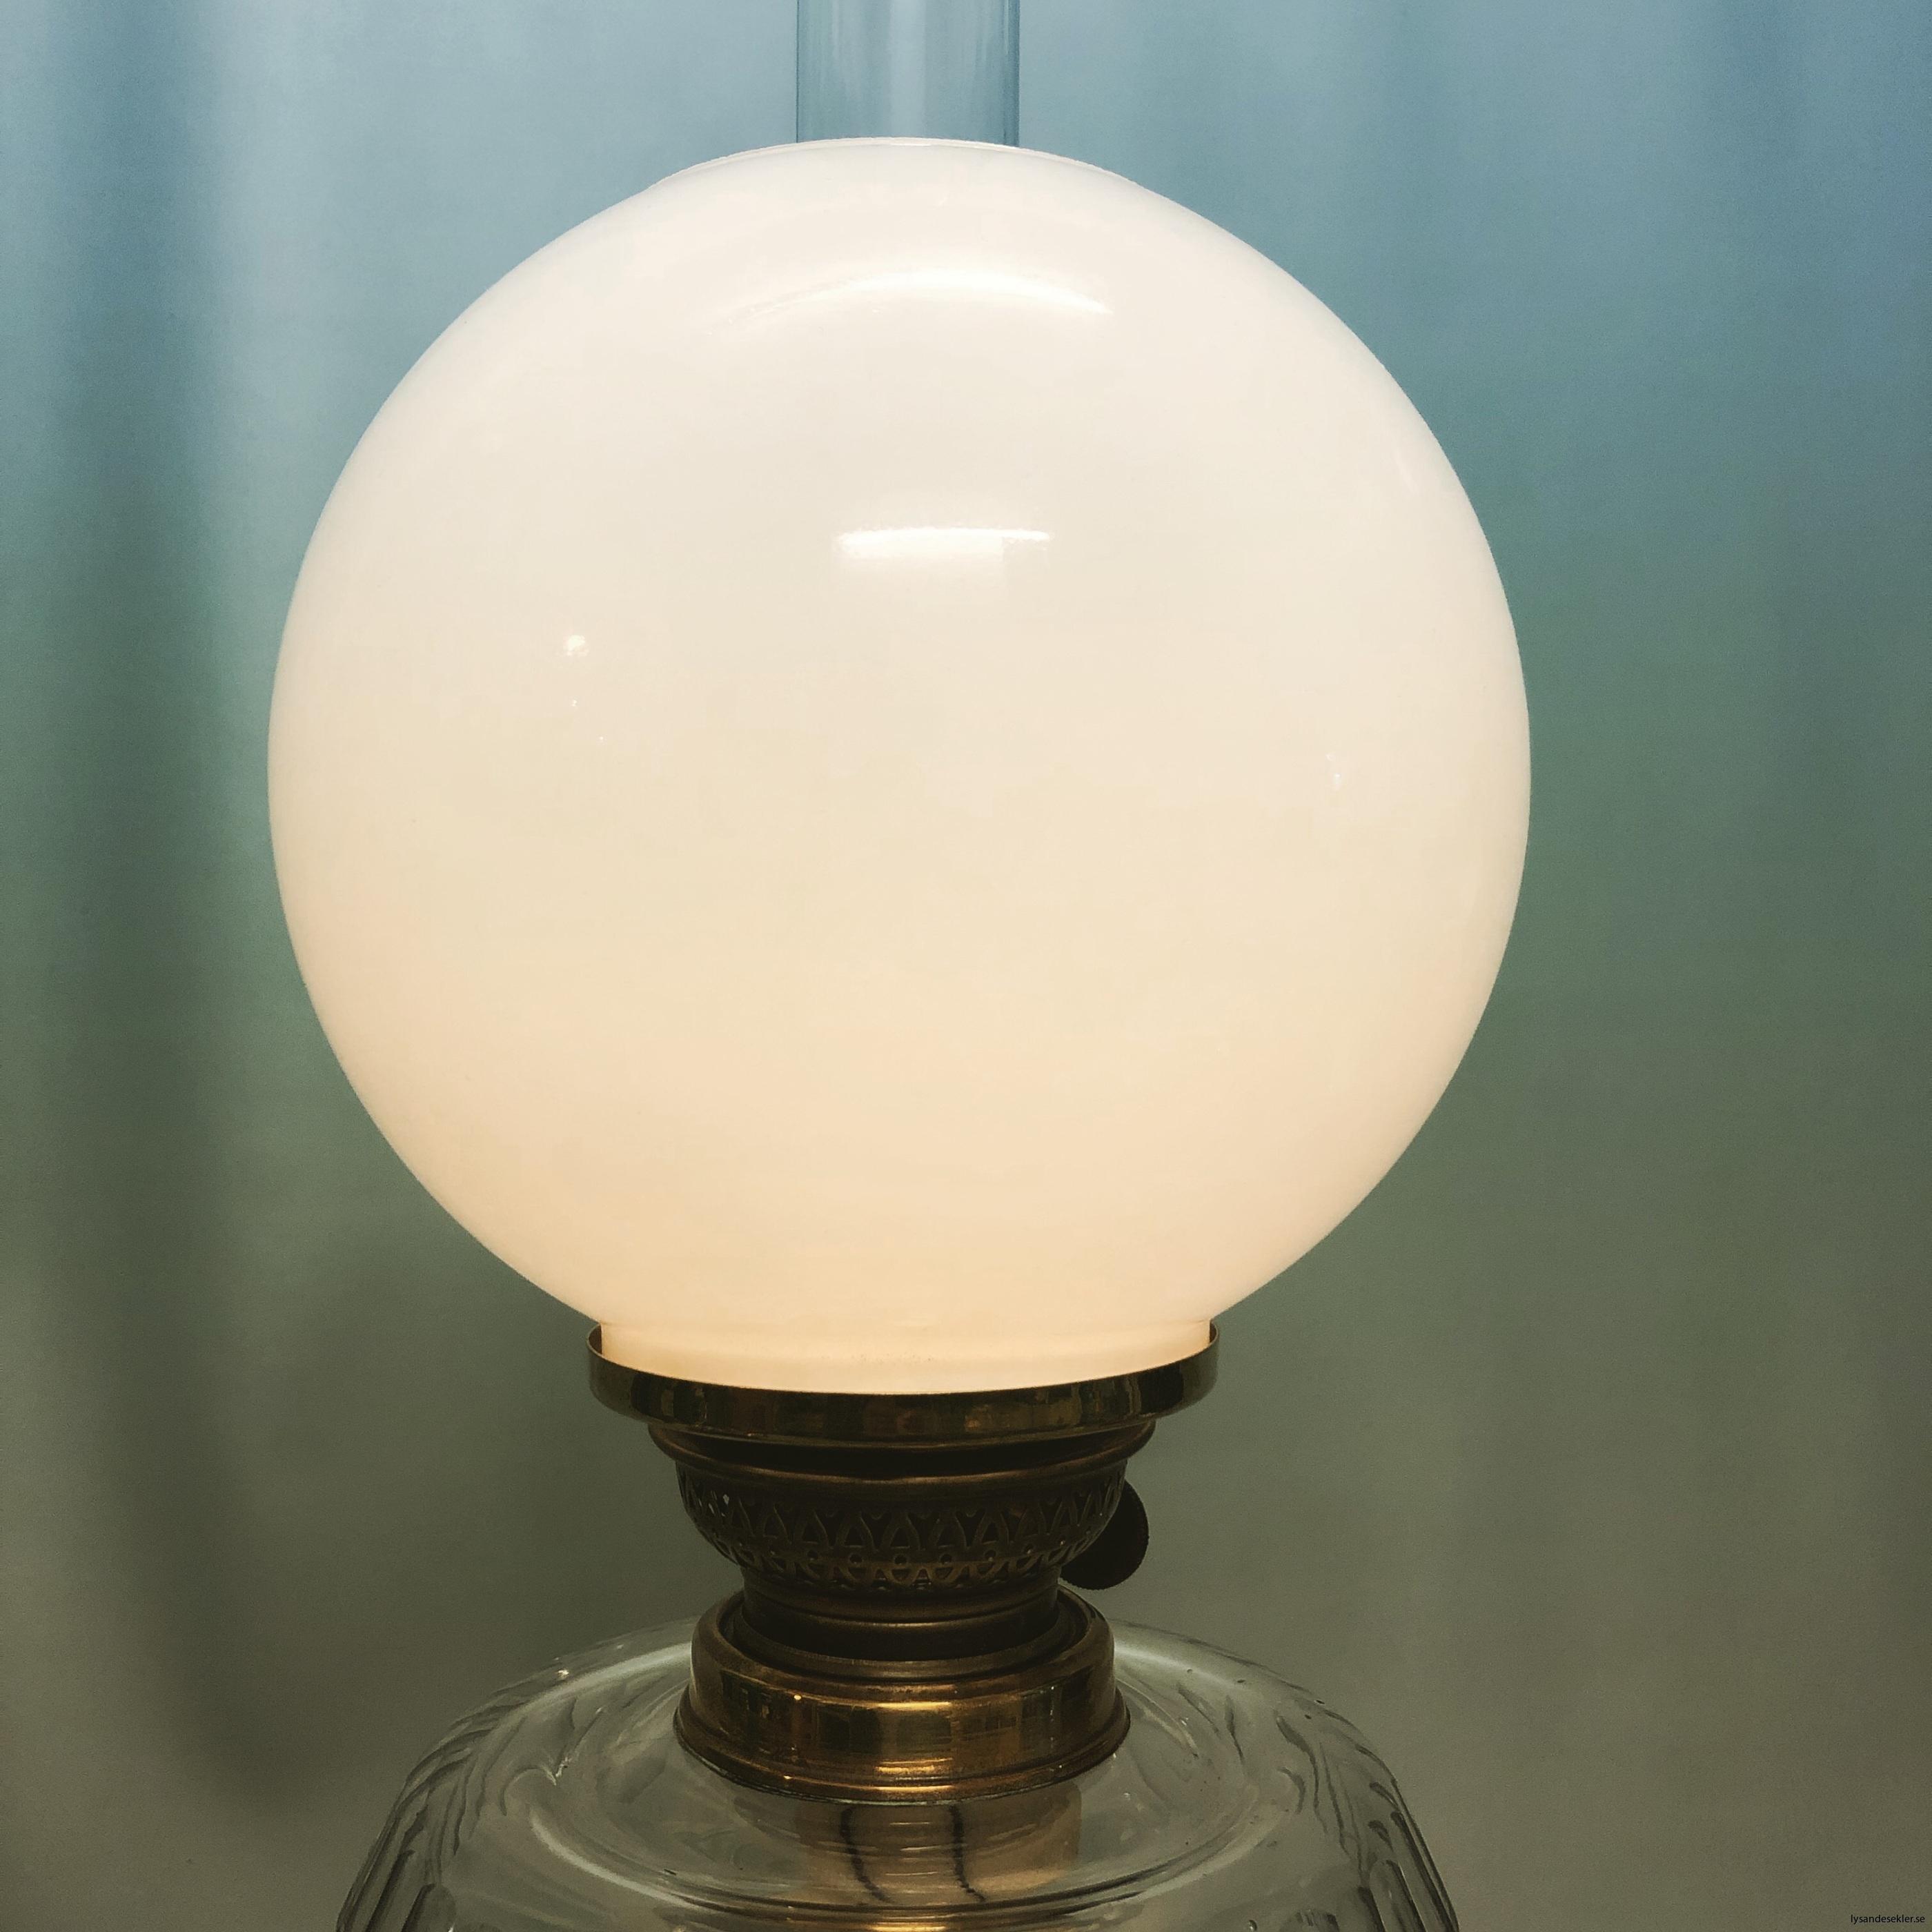 opalvit fotogenlampskupa kupa till fotogenlampa vit opal2